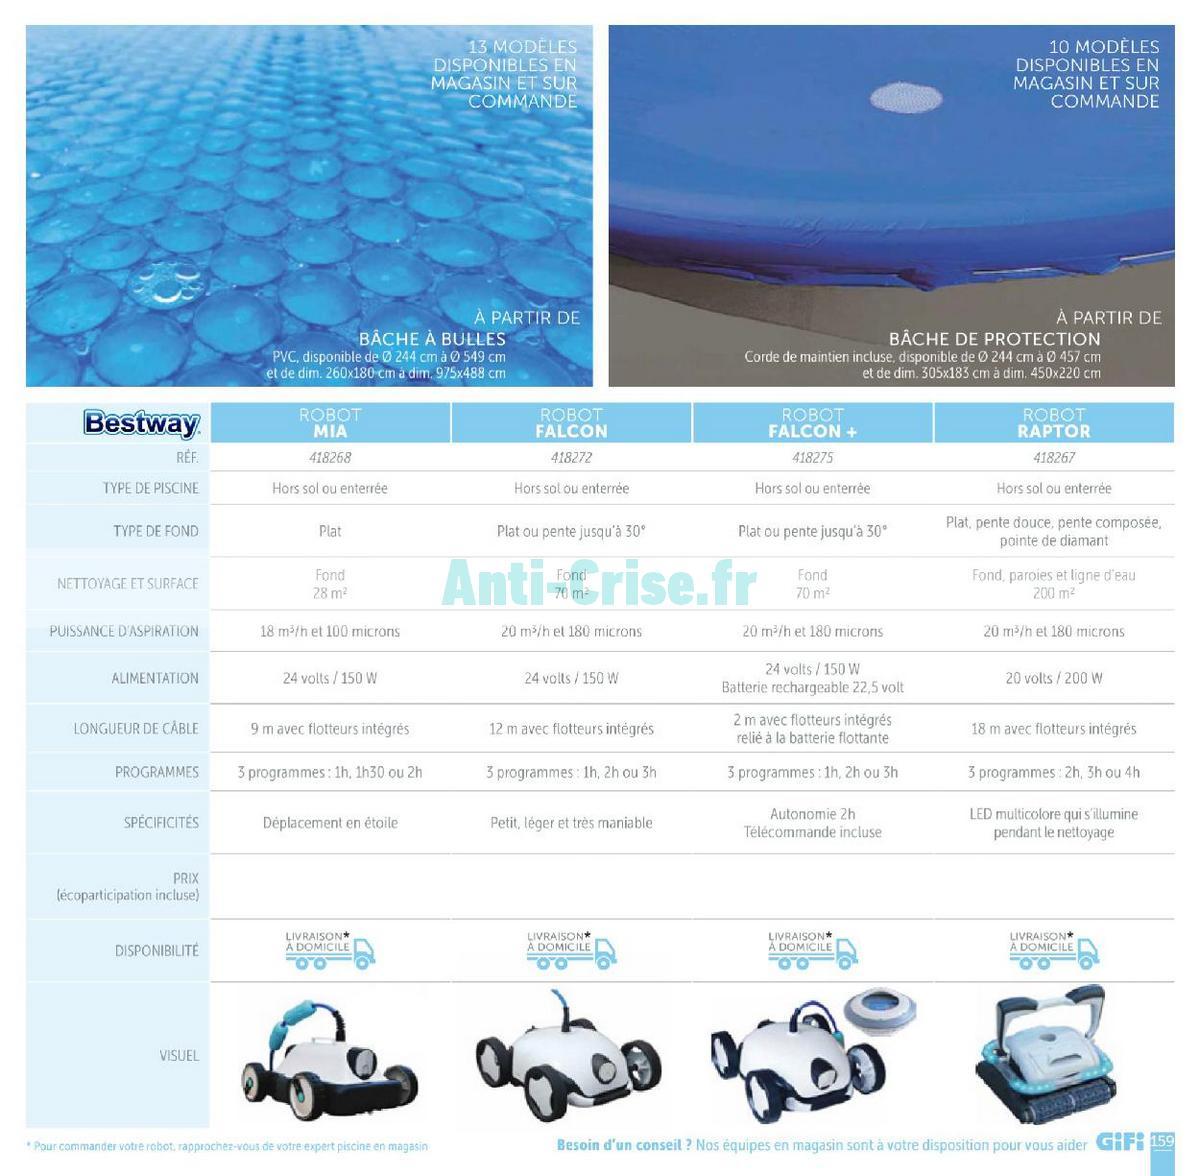 aout2018 Catalogue Gifi du 1er mai au 31 août 2018 (Plein Air) (159)